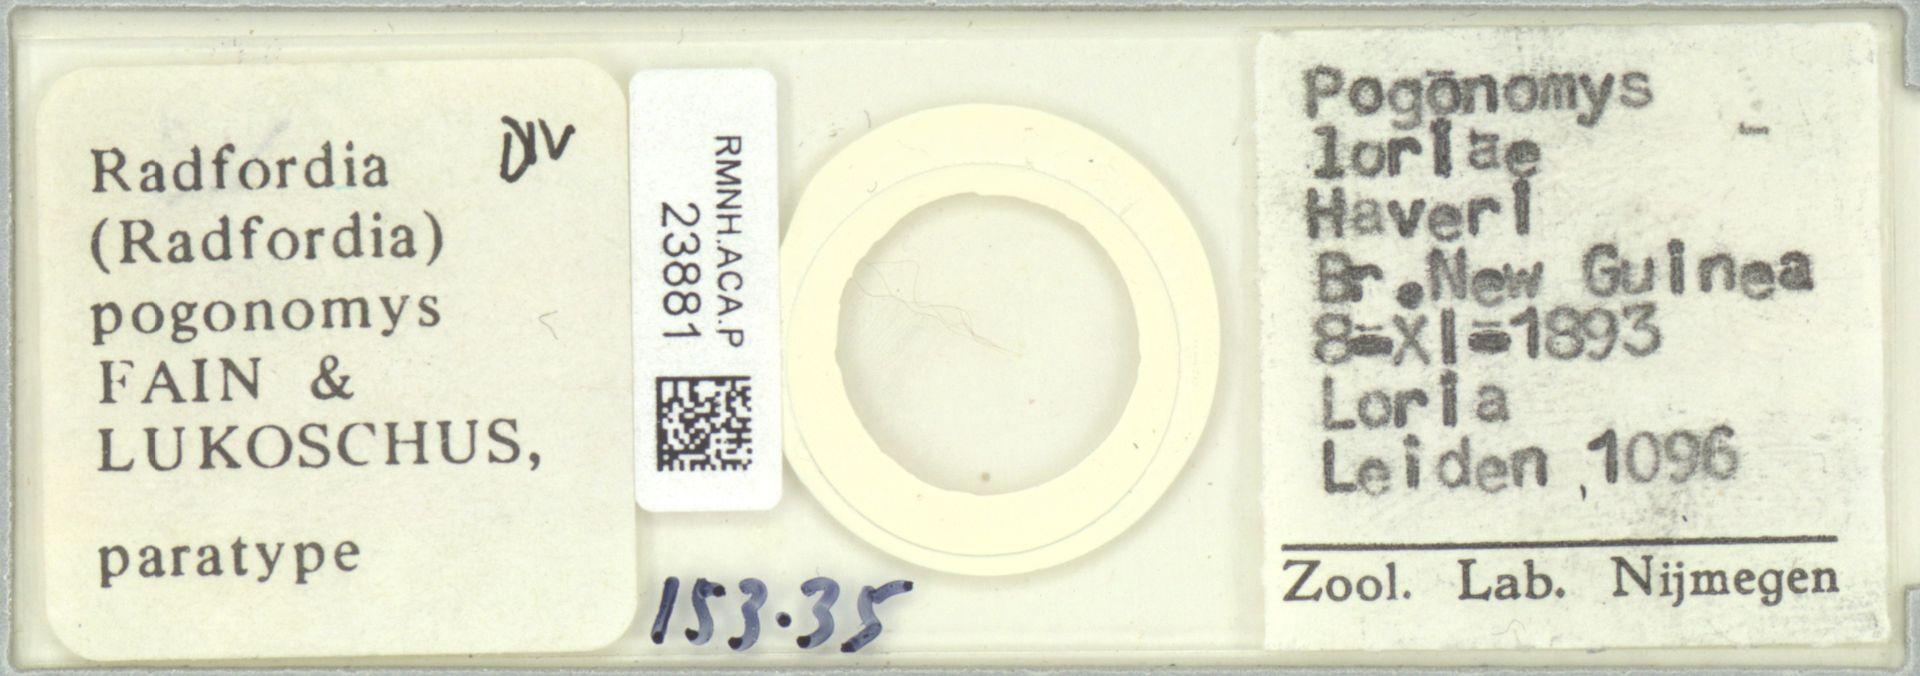 RMNH.ACA.P.23881 | Radfordia (Radfordia) pogonomys Fain & Lukoschus